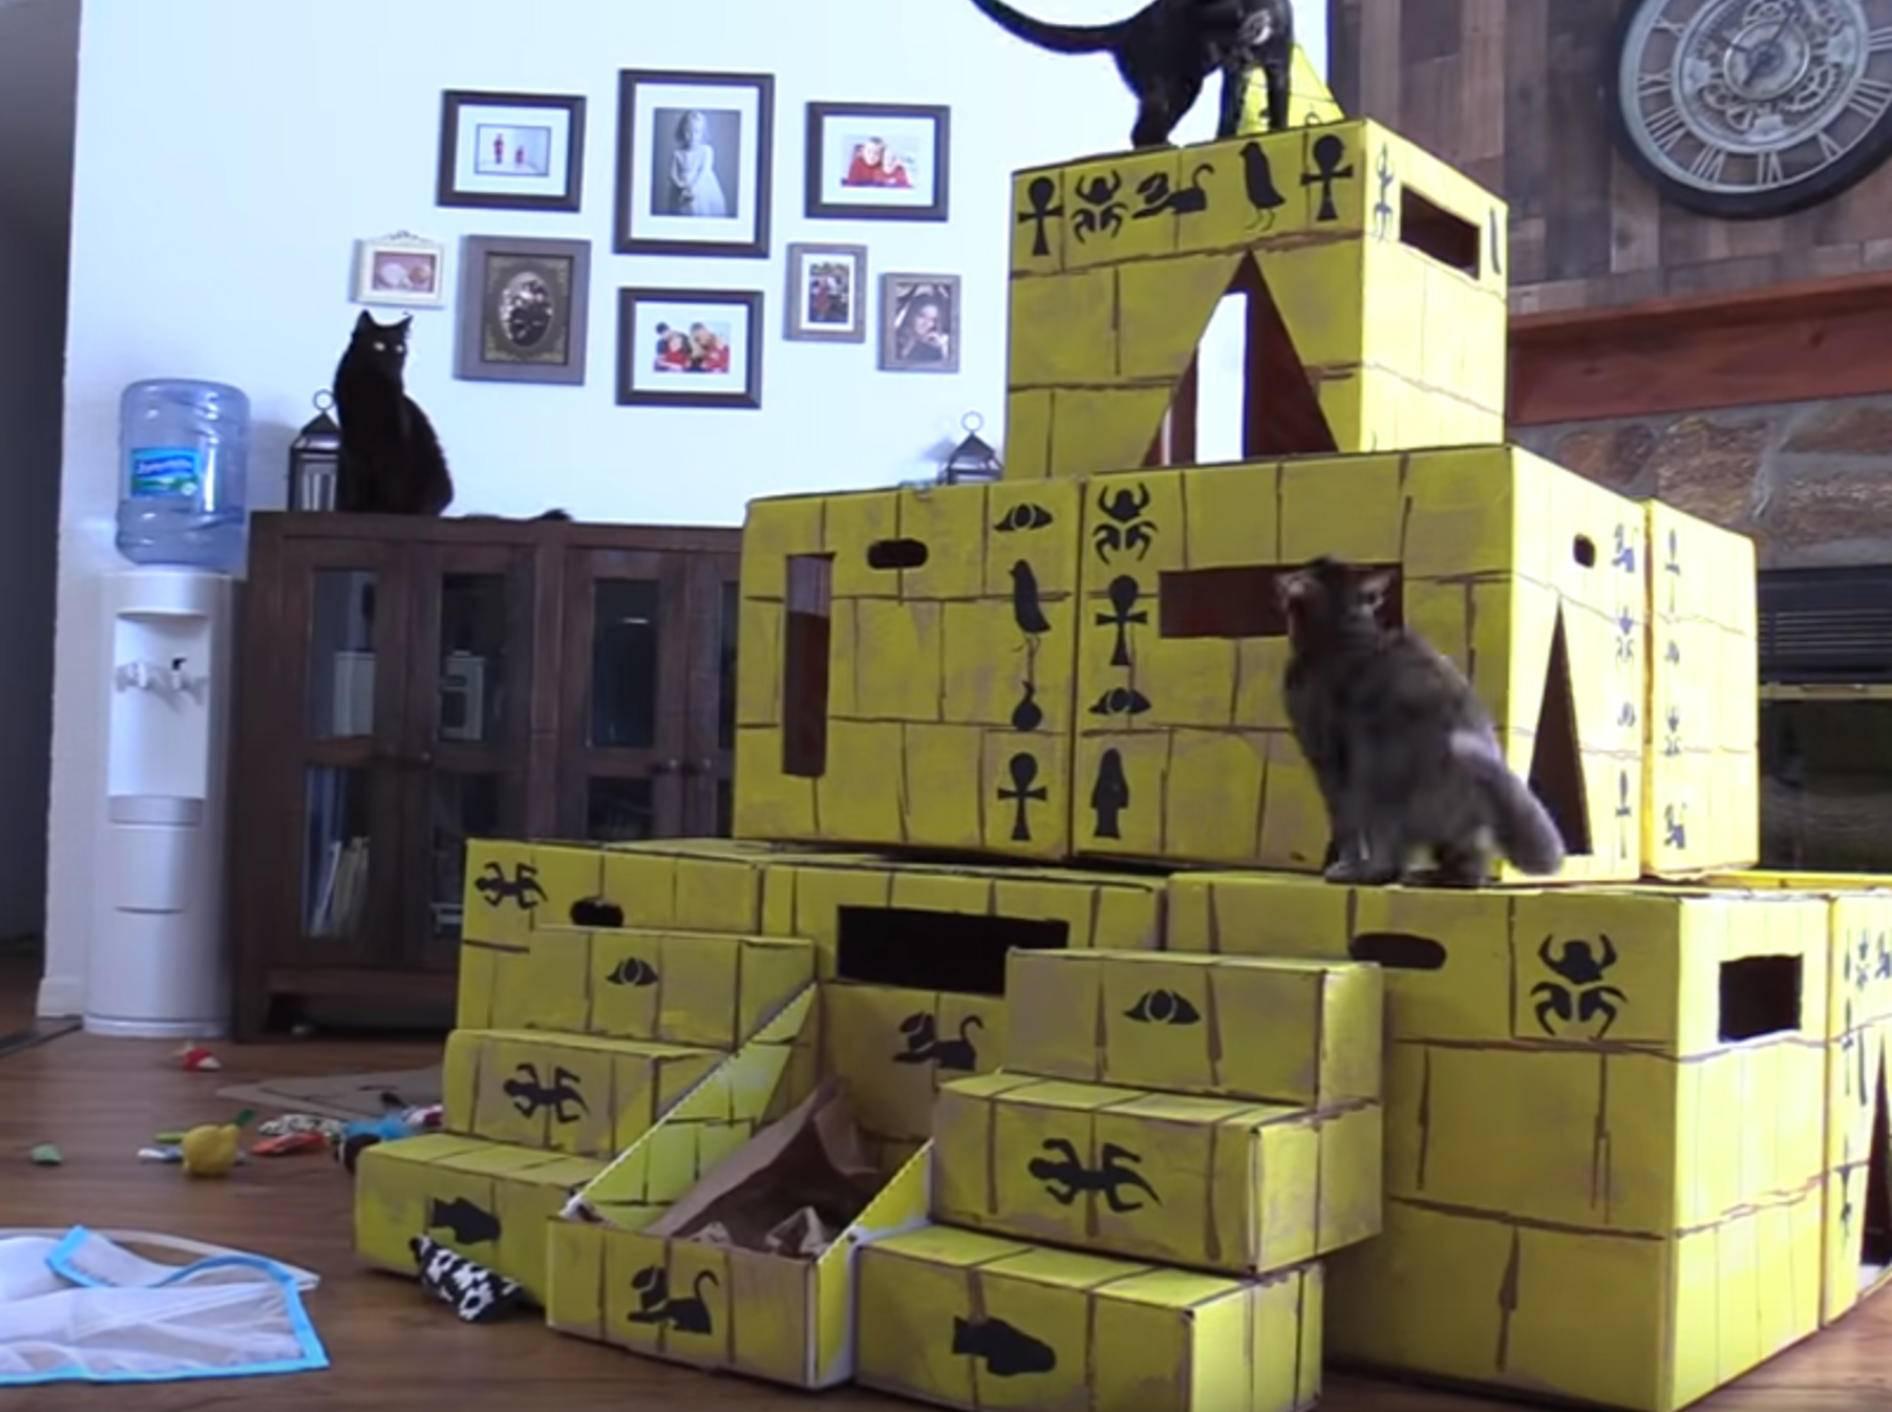 Nicht nur Cole und Marmelade, sondern auch Zig Zag und Jugg sind hellauf begeistert von dieser Karton-Pyramide - Bild: YouTube / Cole and Marmelade